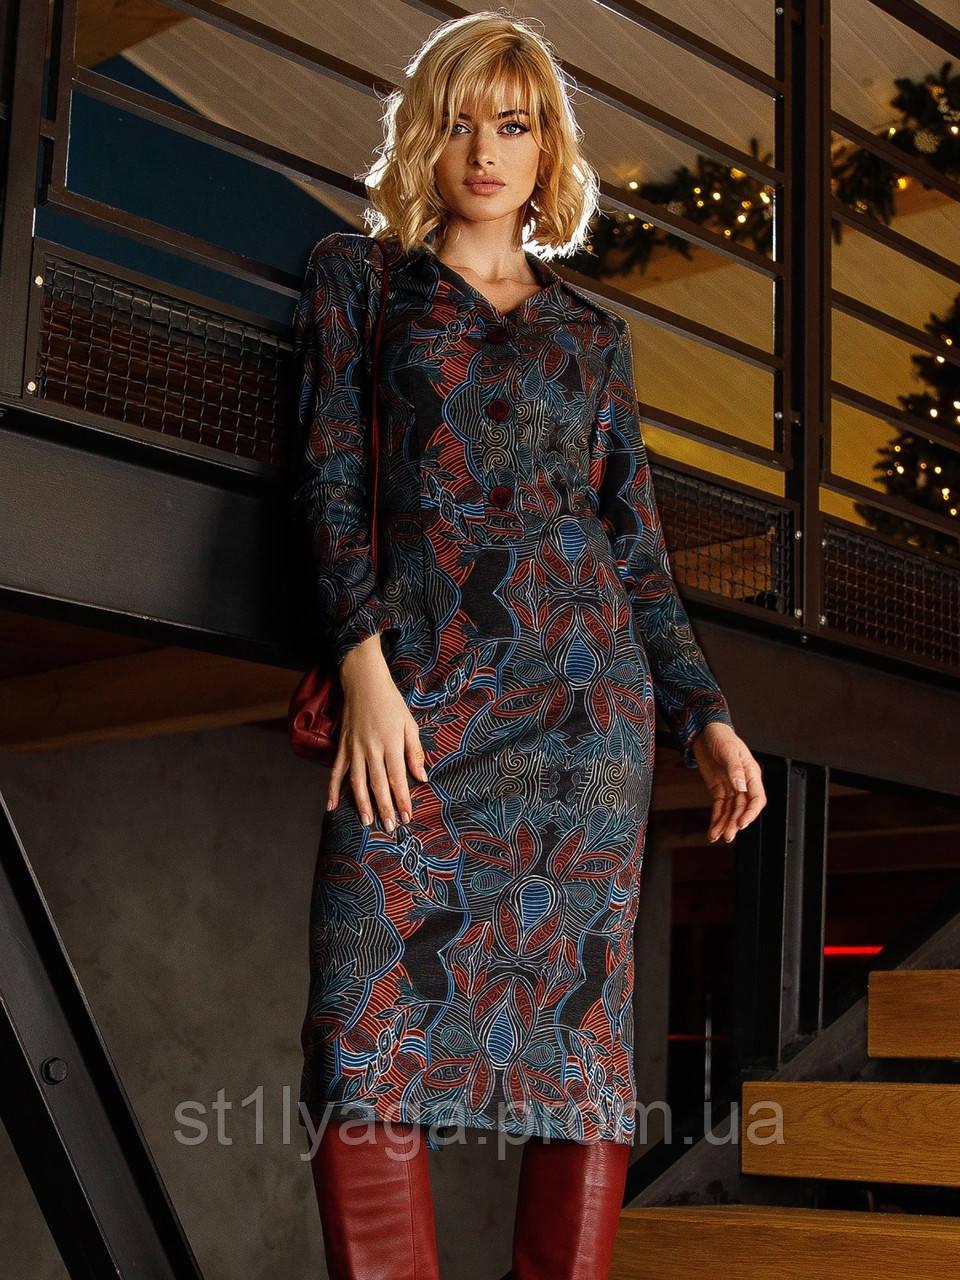 Трикотажное платье-рубашка длиной миди черное с принтом